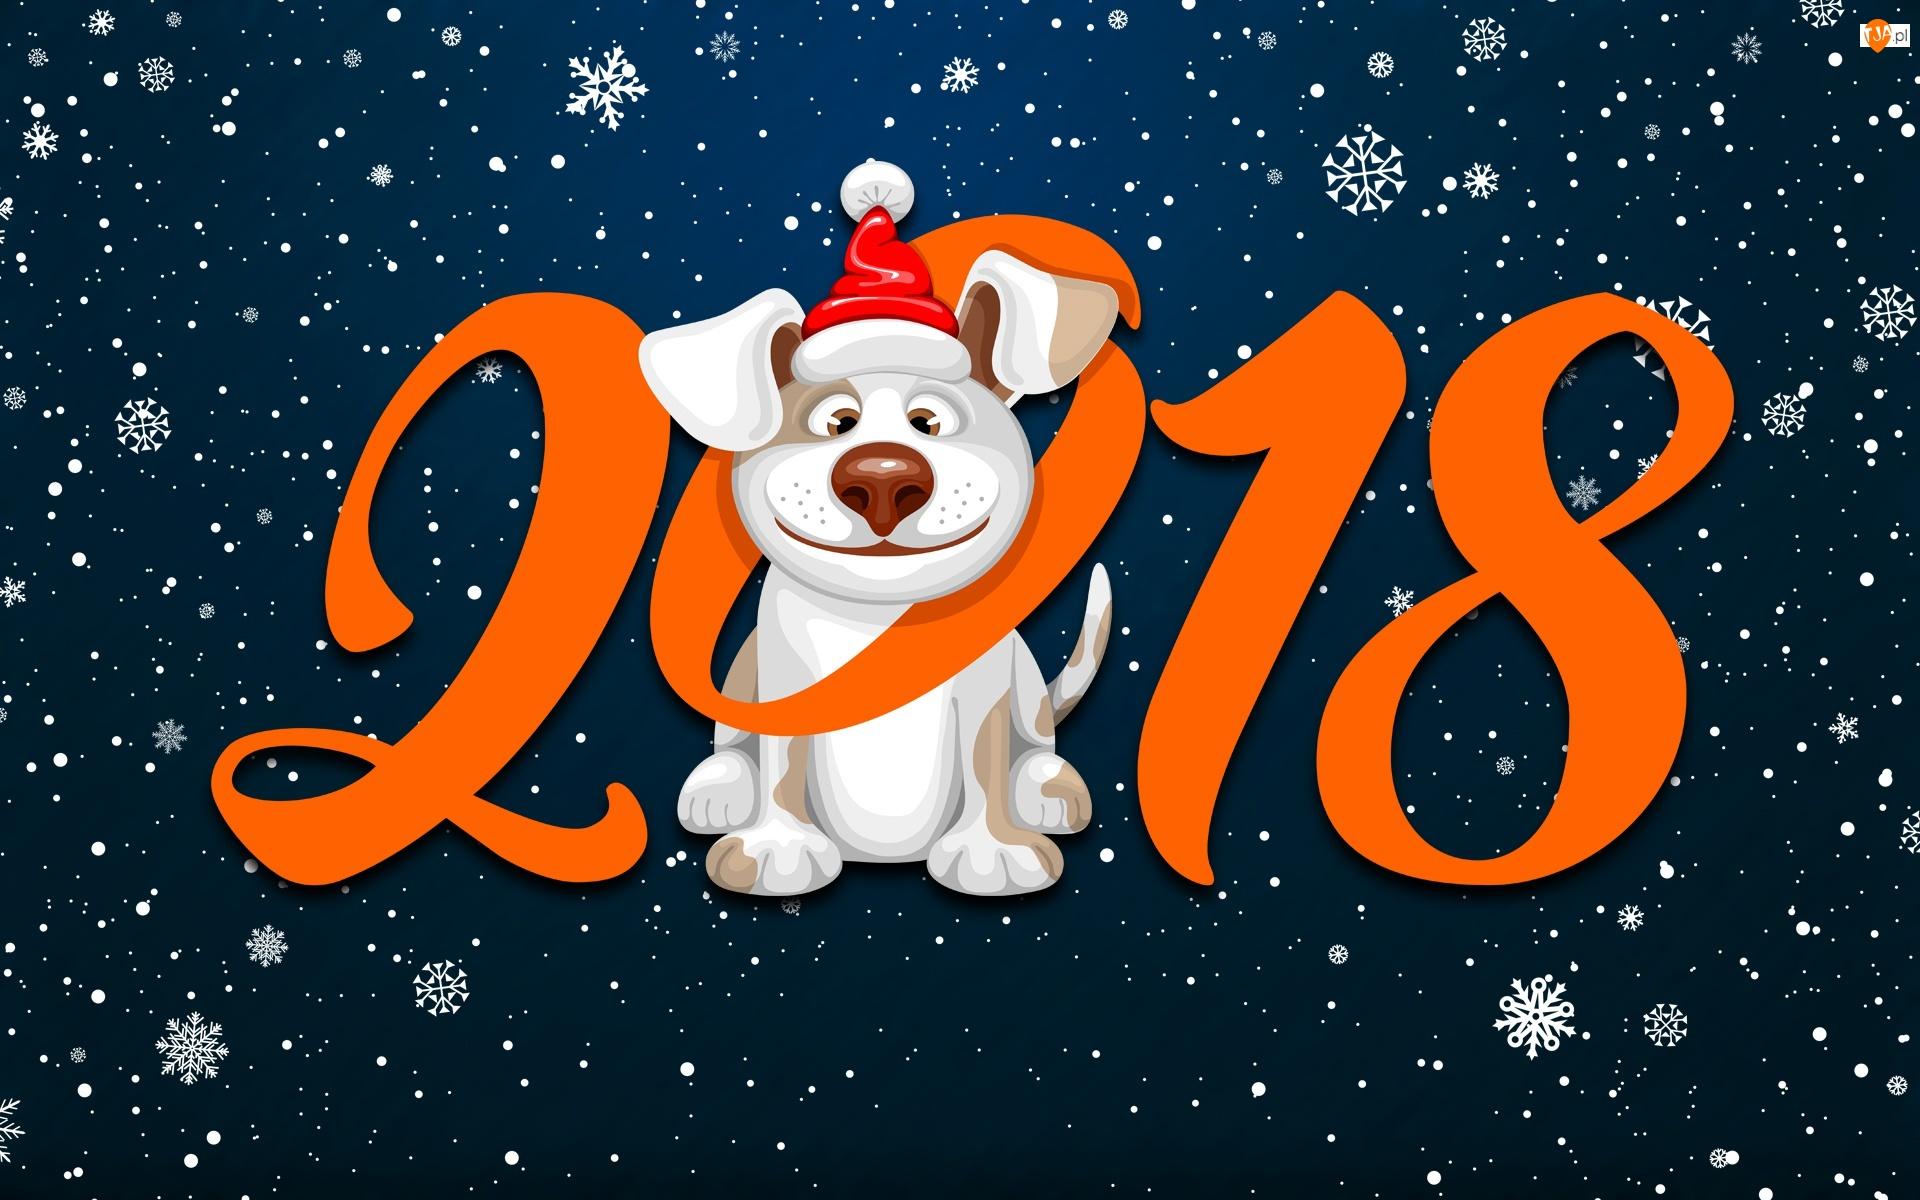 Znalezione obrazy dla zapytania kartki noworoczne 2018